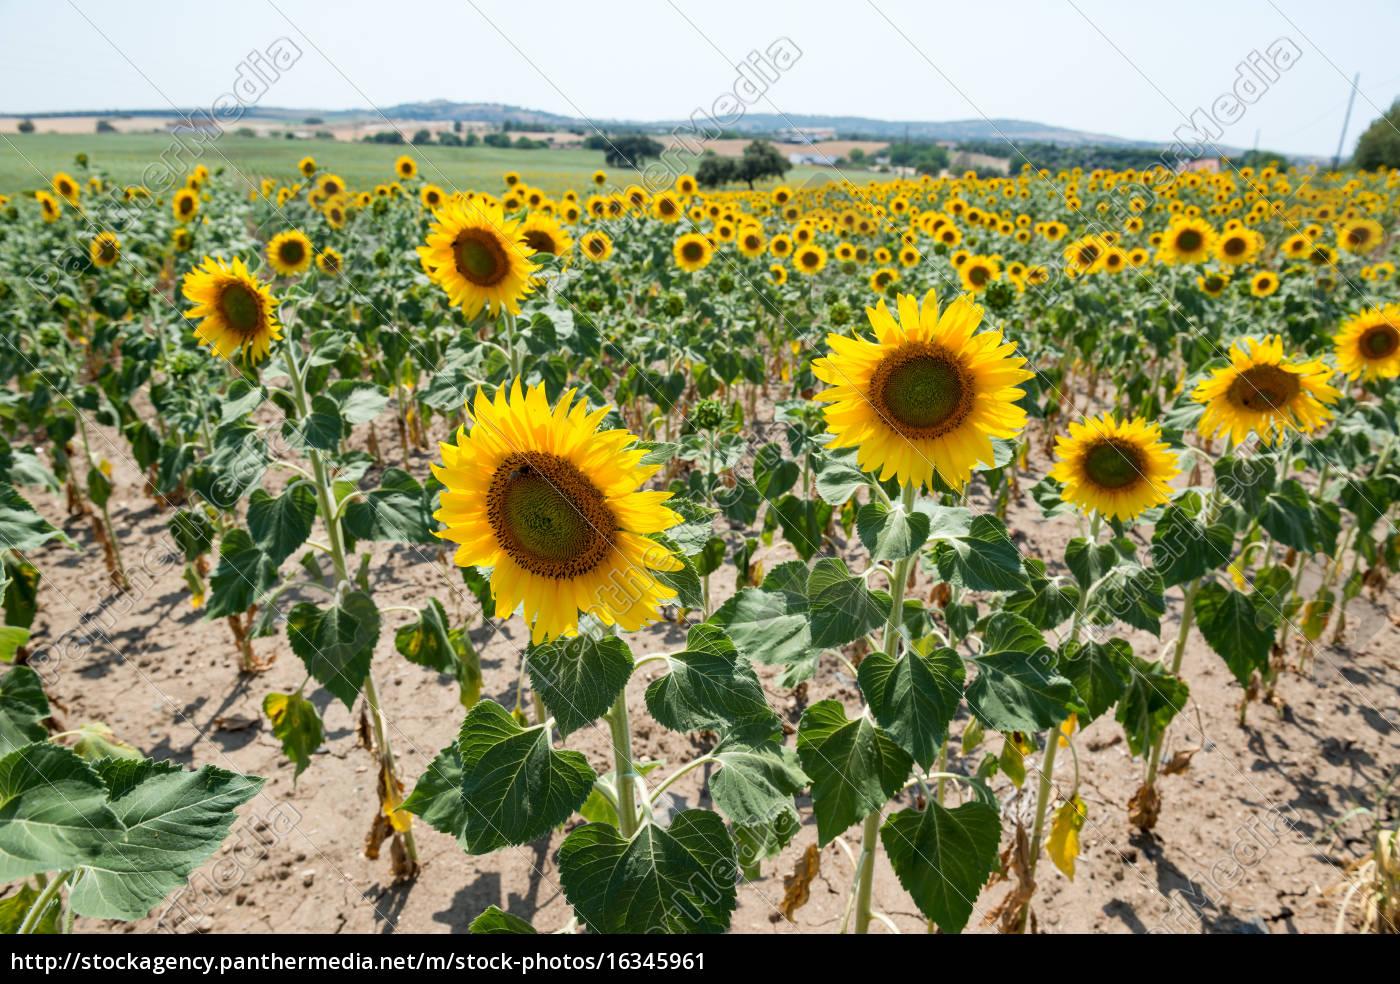 sunflowers - 16345961